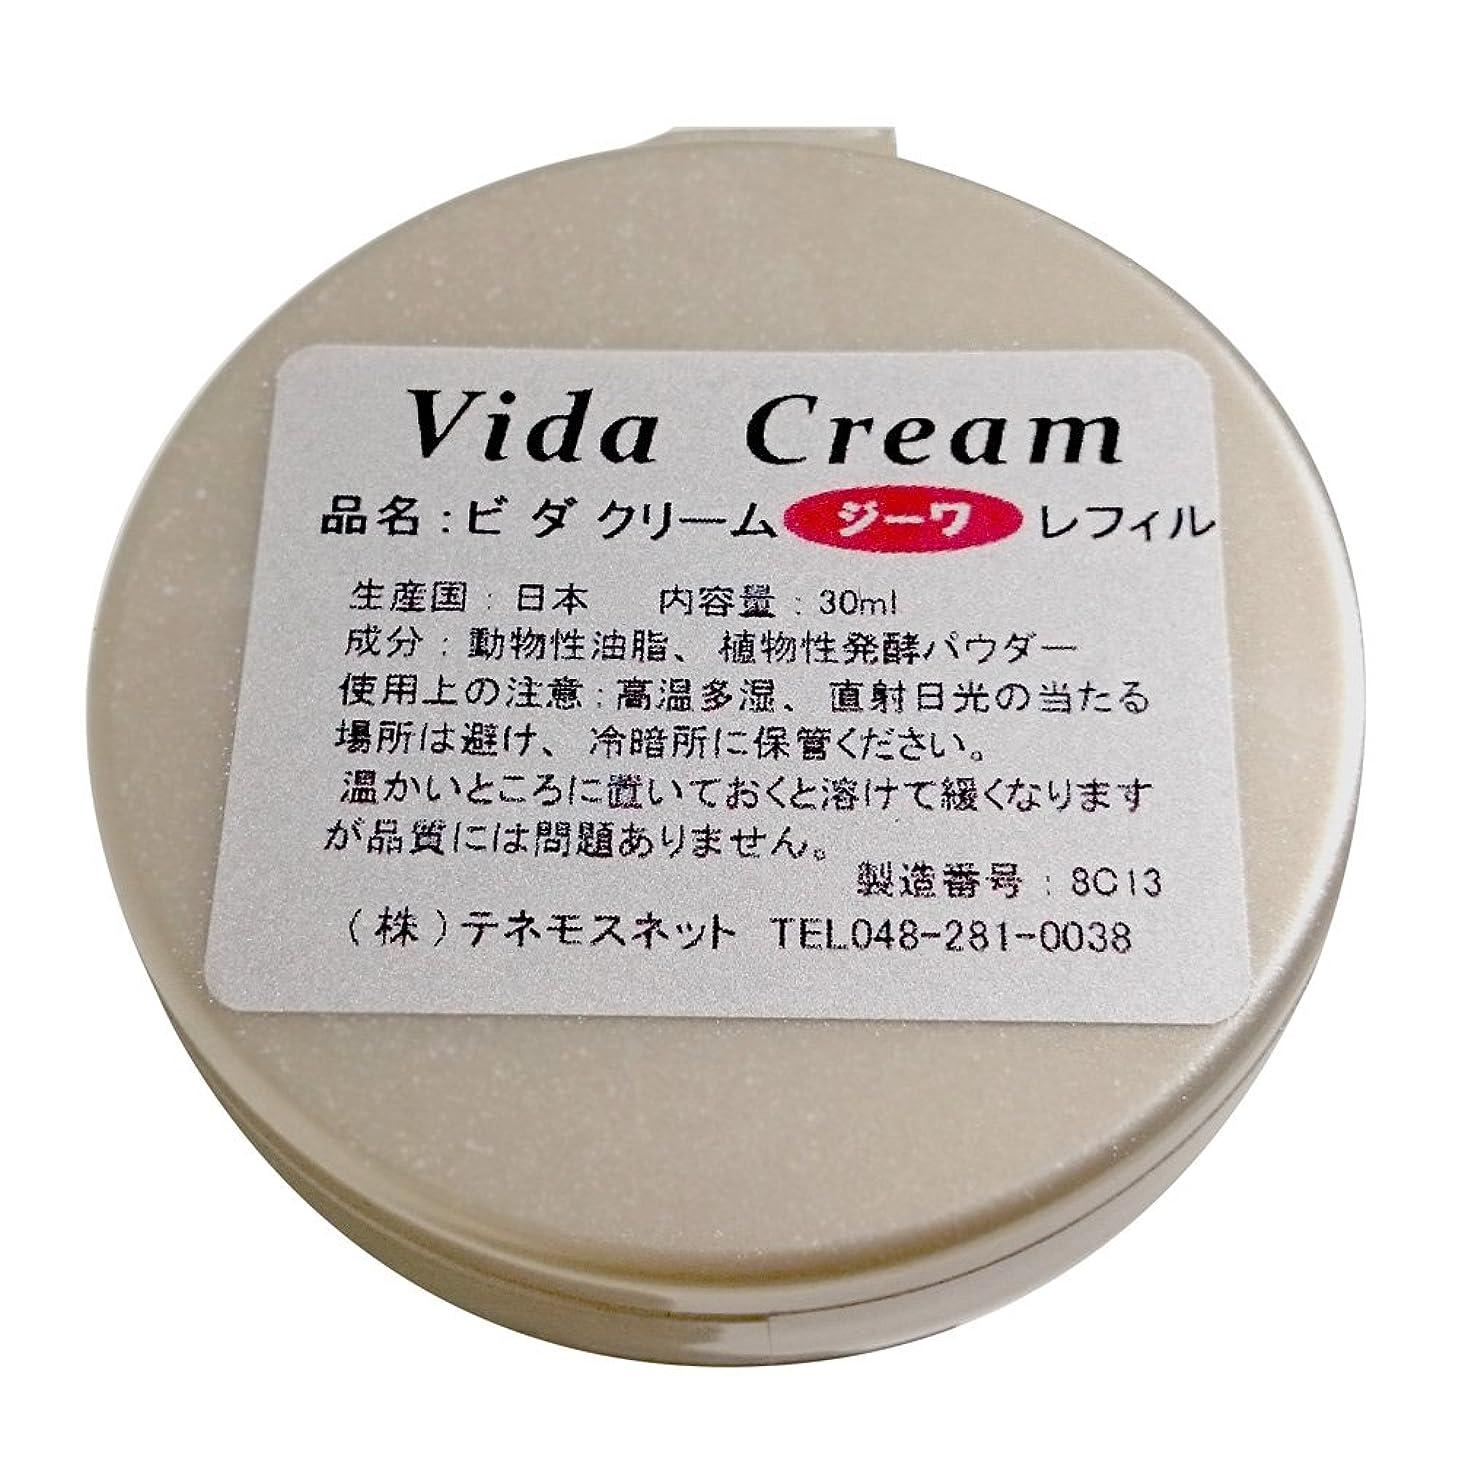 保存偉業ドルテネモス ビダクリーム Vida Cream ジーワ レフィル 付替用 30ml